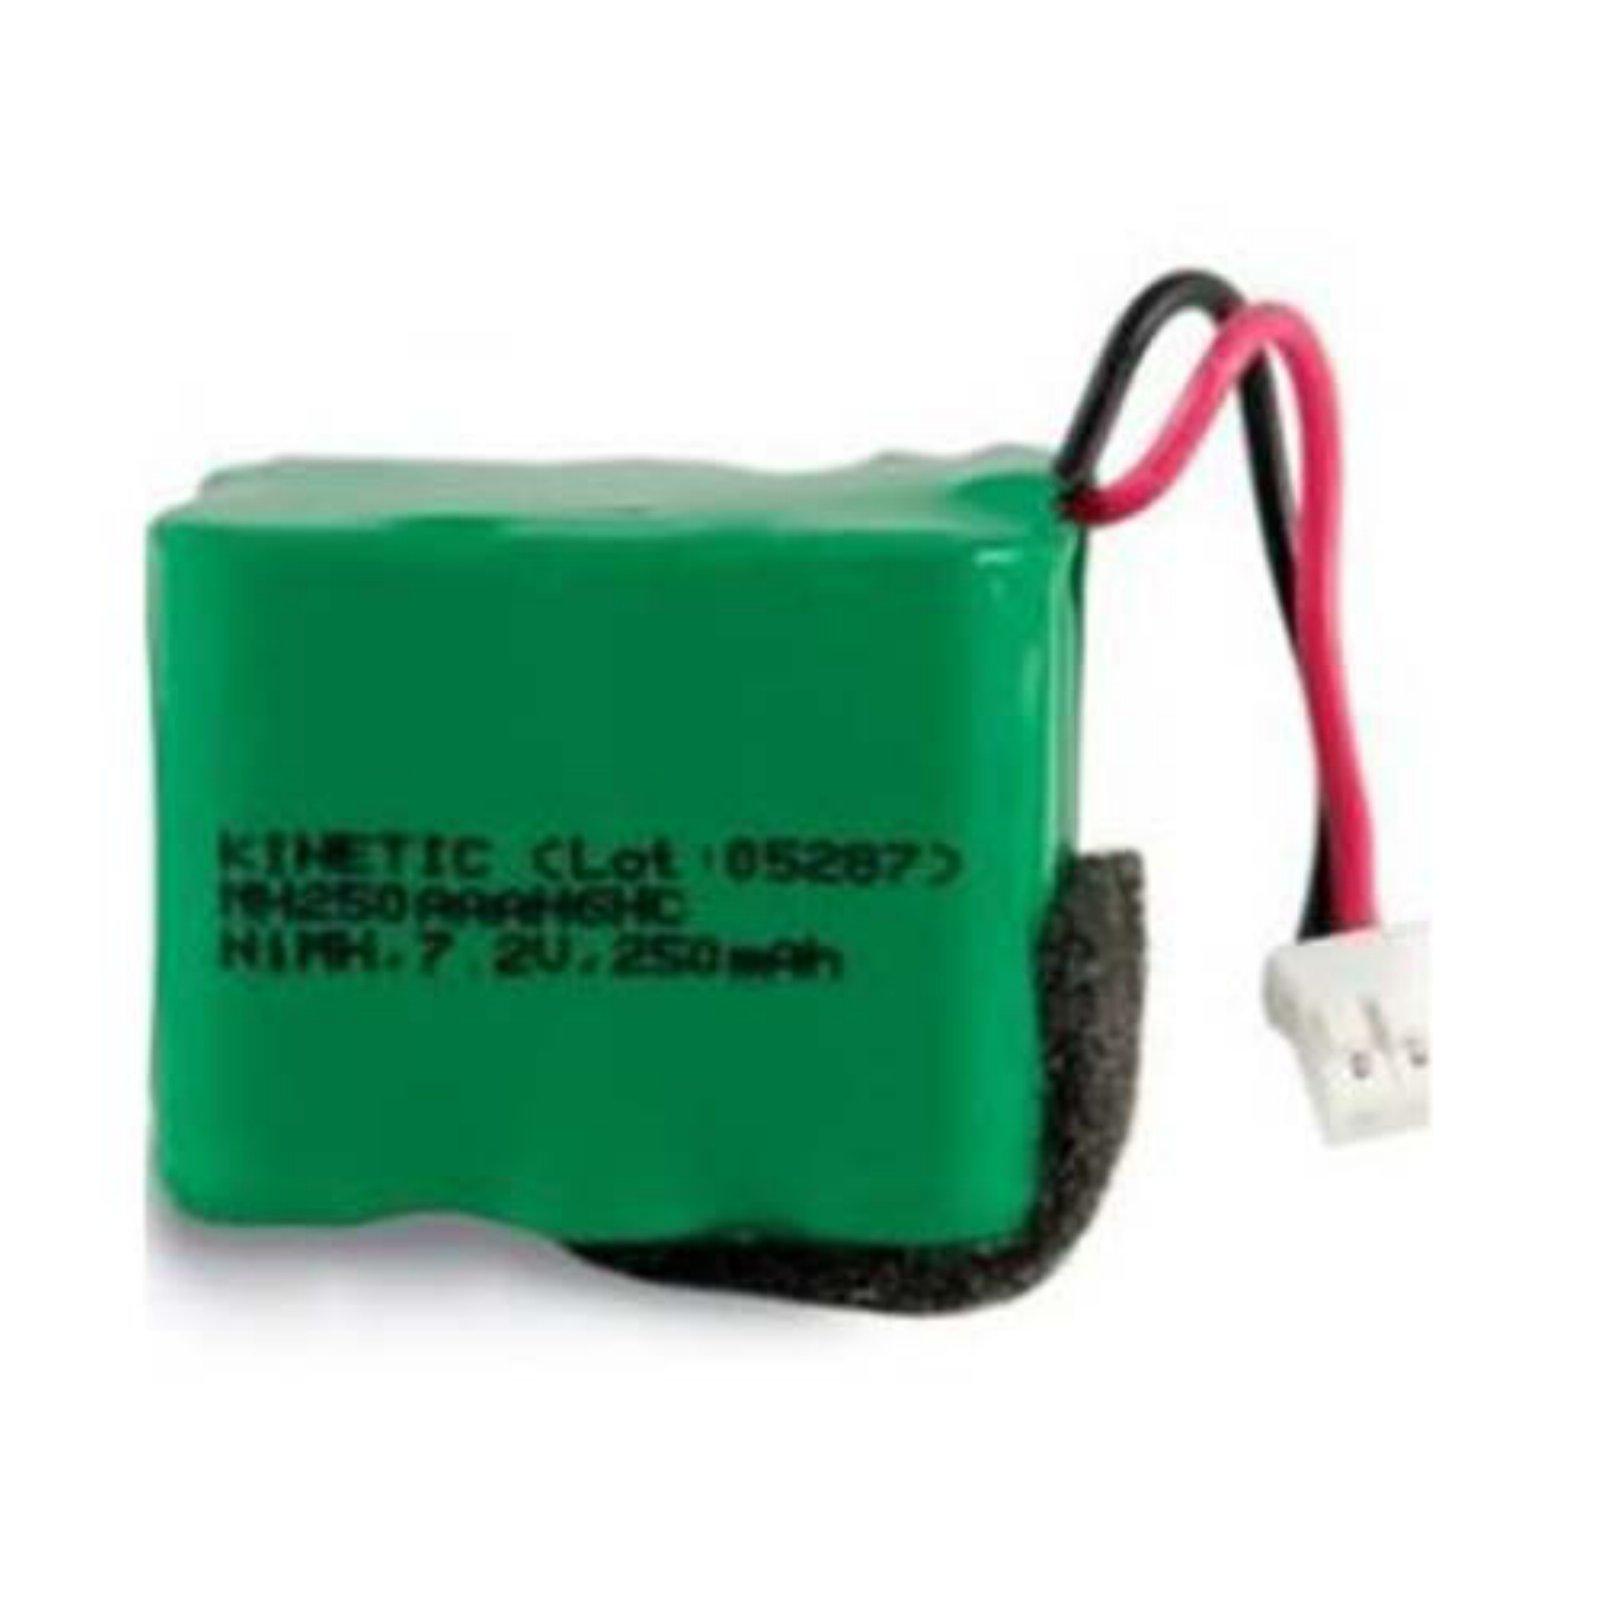 Sportdog Sdt00 11911 800 Series Transmitter Battery Kit Training